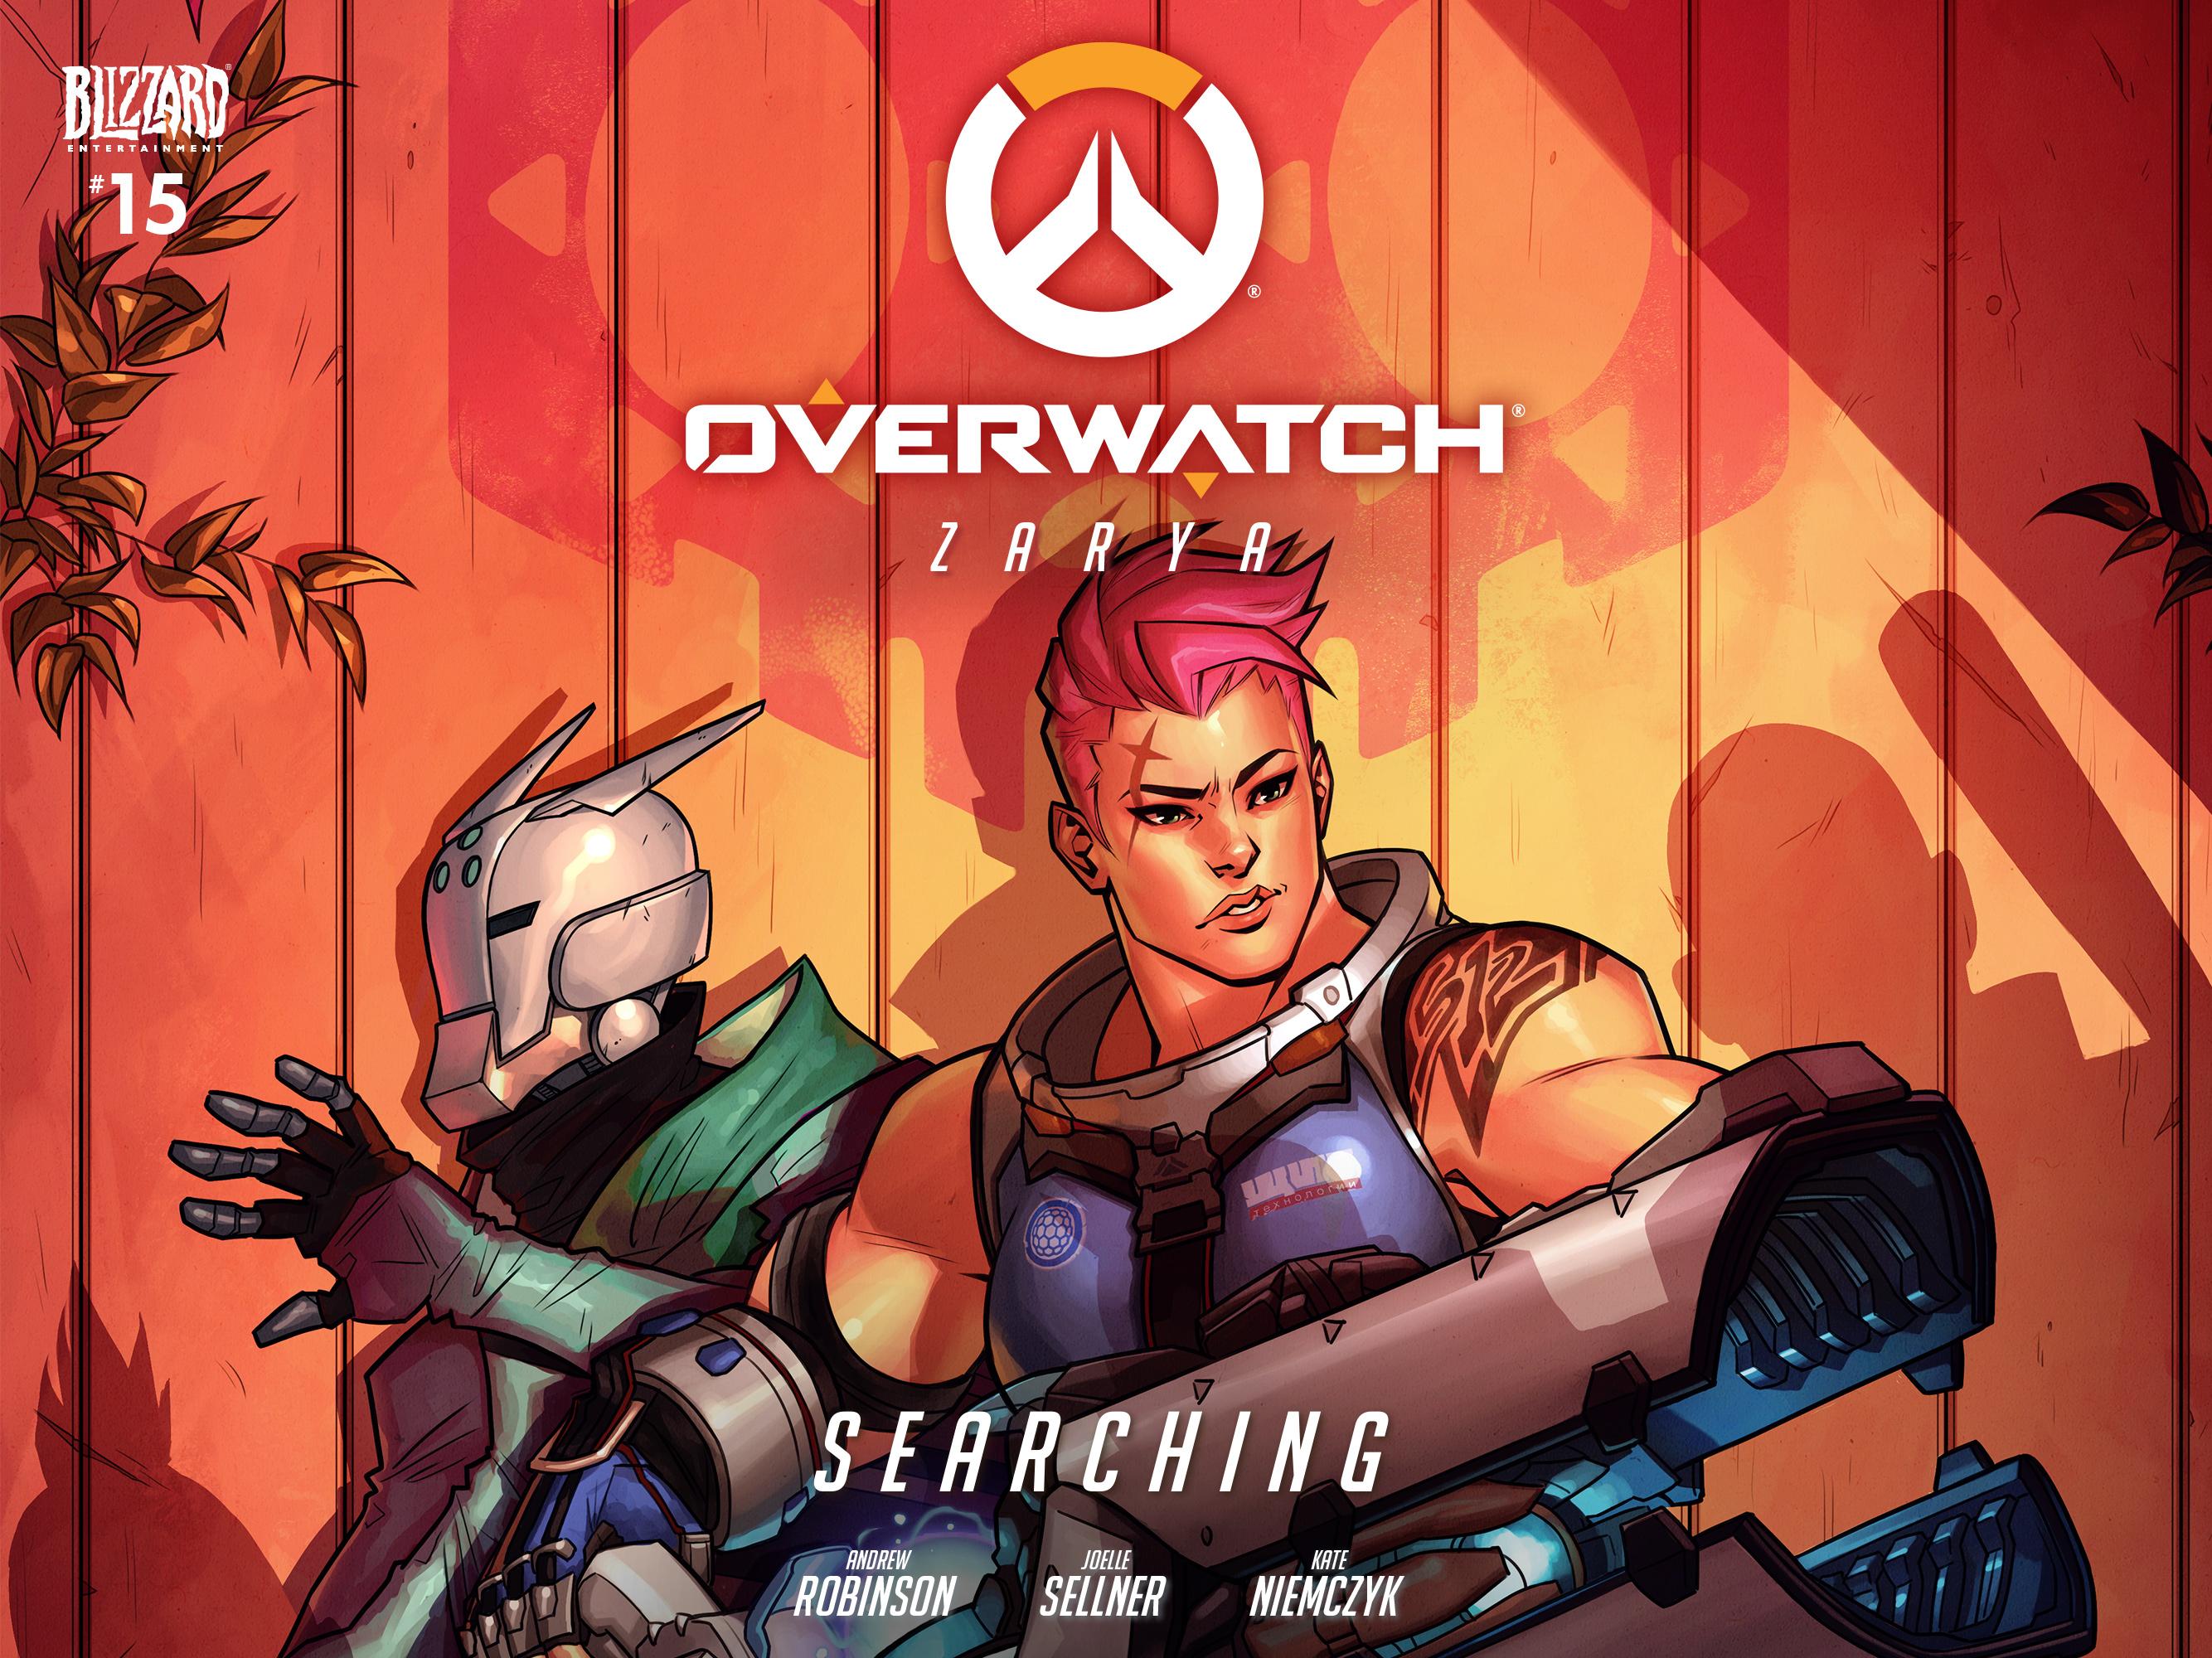 overwatch-comic-zarya